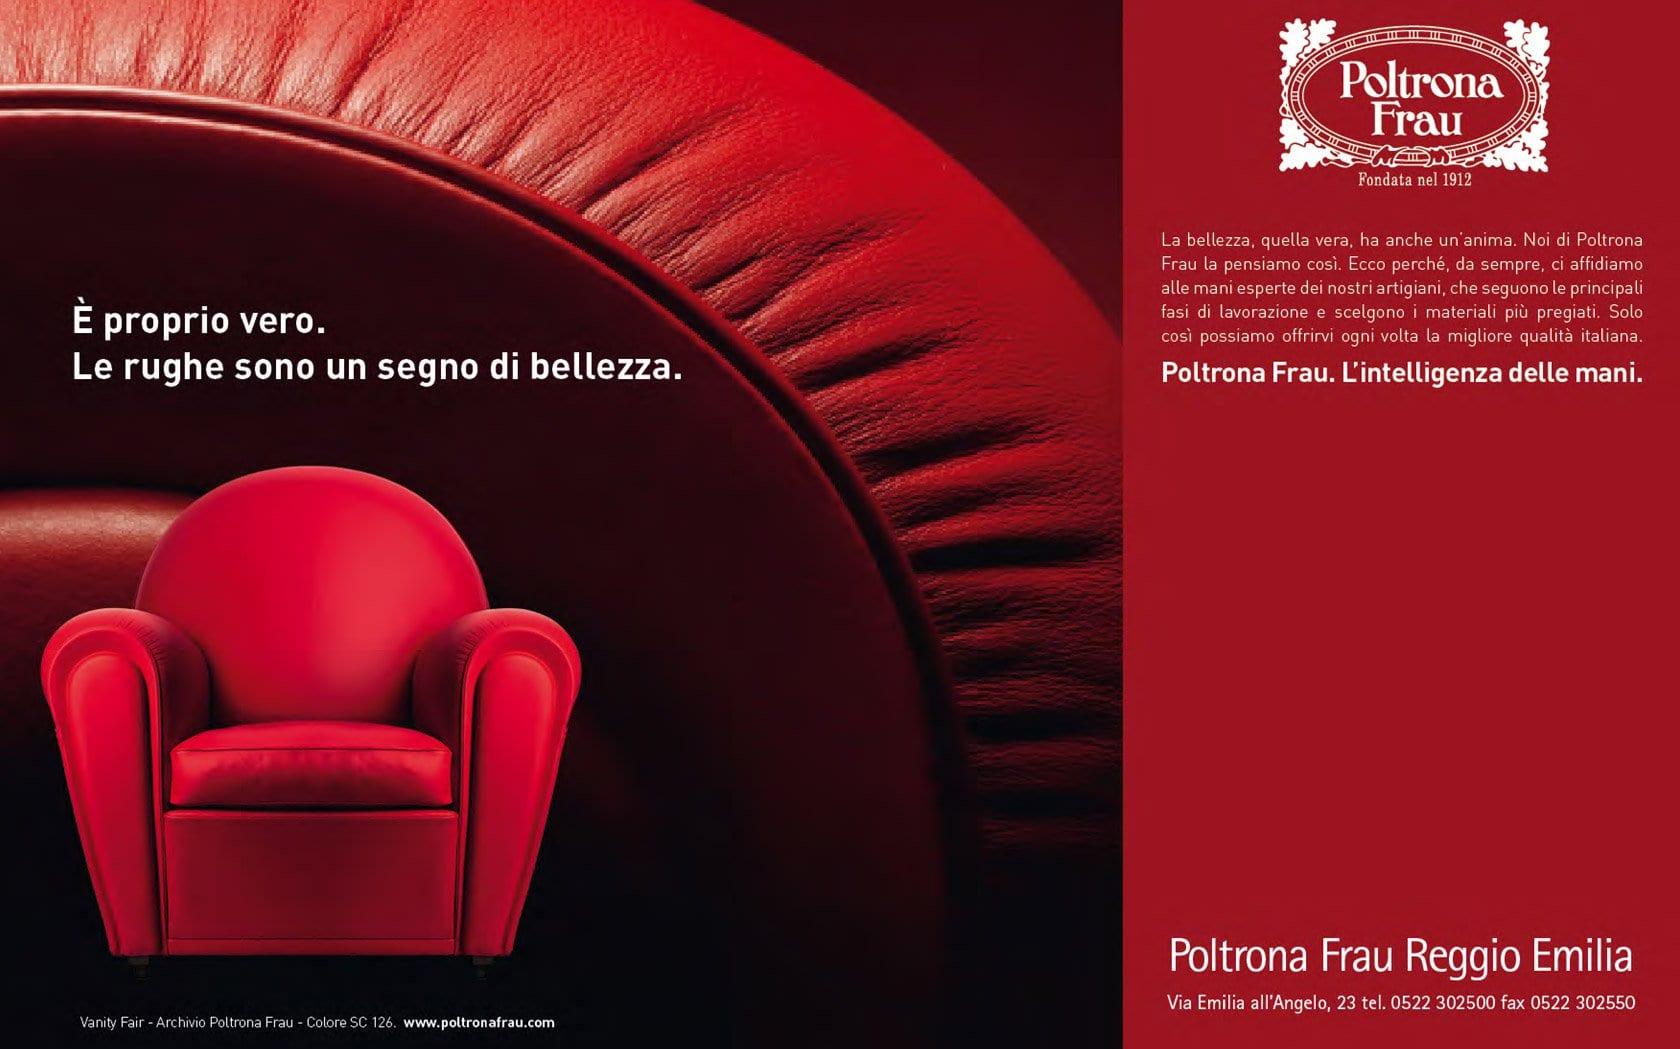 Poltrona Frau Tolentino Indirizzo.Icone Del Design Poltrona Frau E L Arte Di Connettere Artigianato